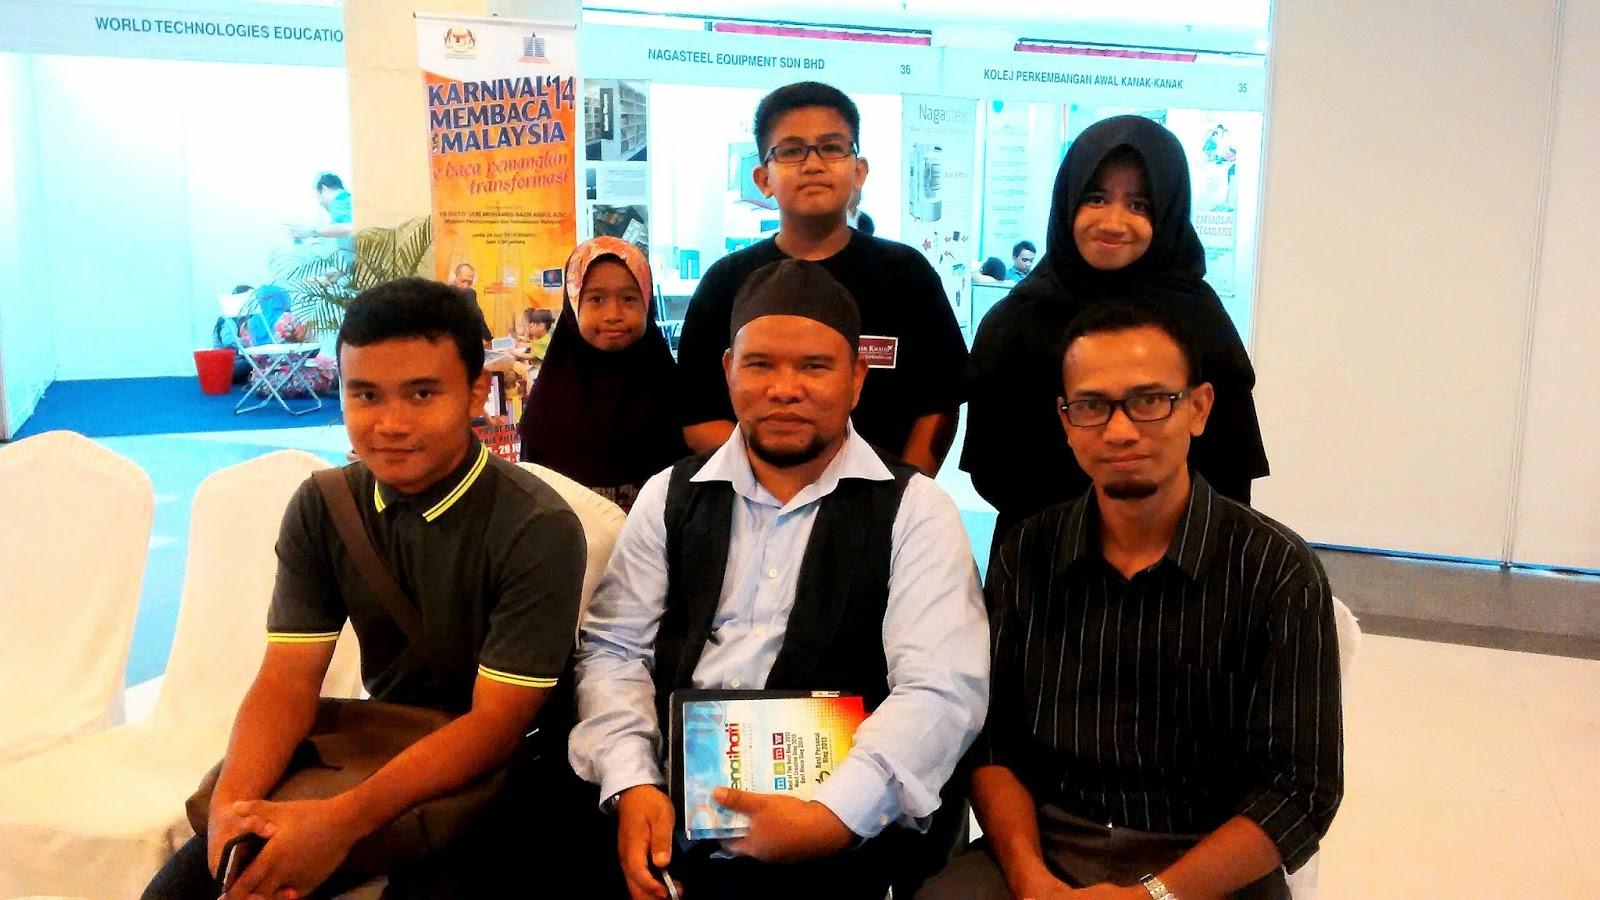 Sesi Bersama Bloggers, Karnival Membaca 1 Malaysia 2014, Denaihati, PNM, PWTC